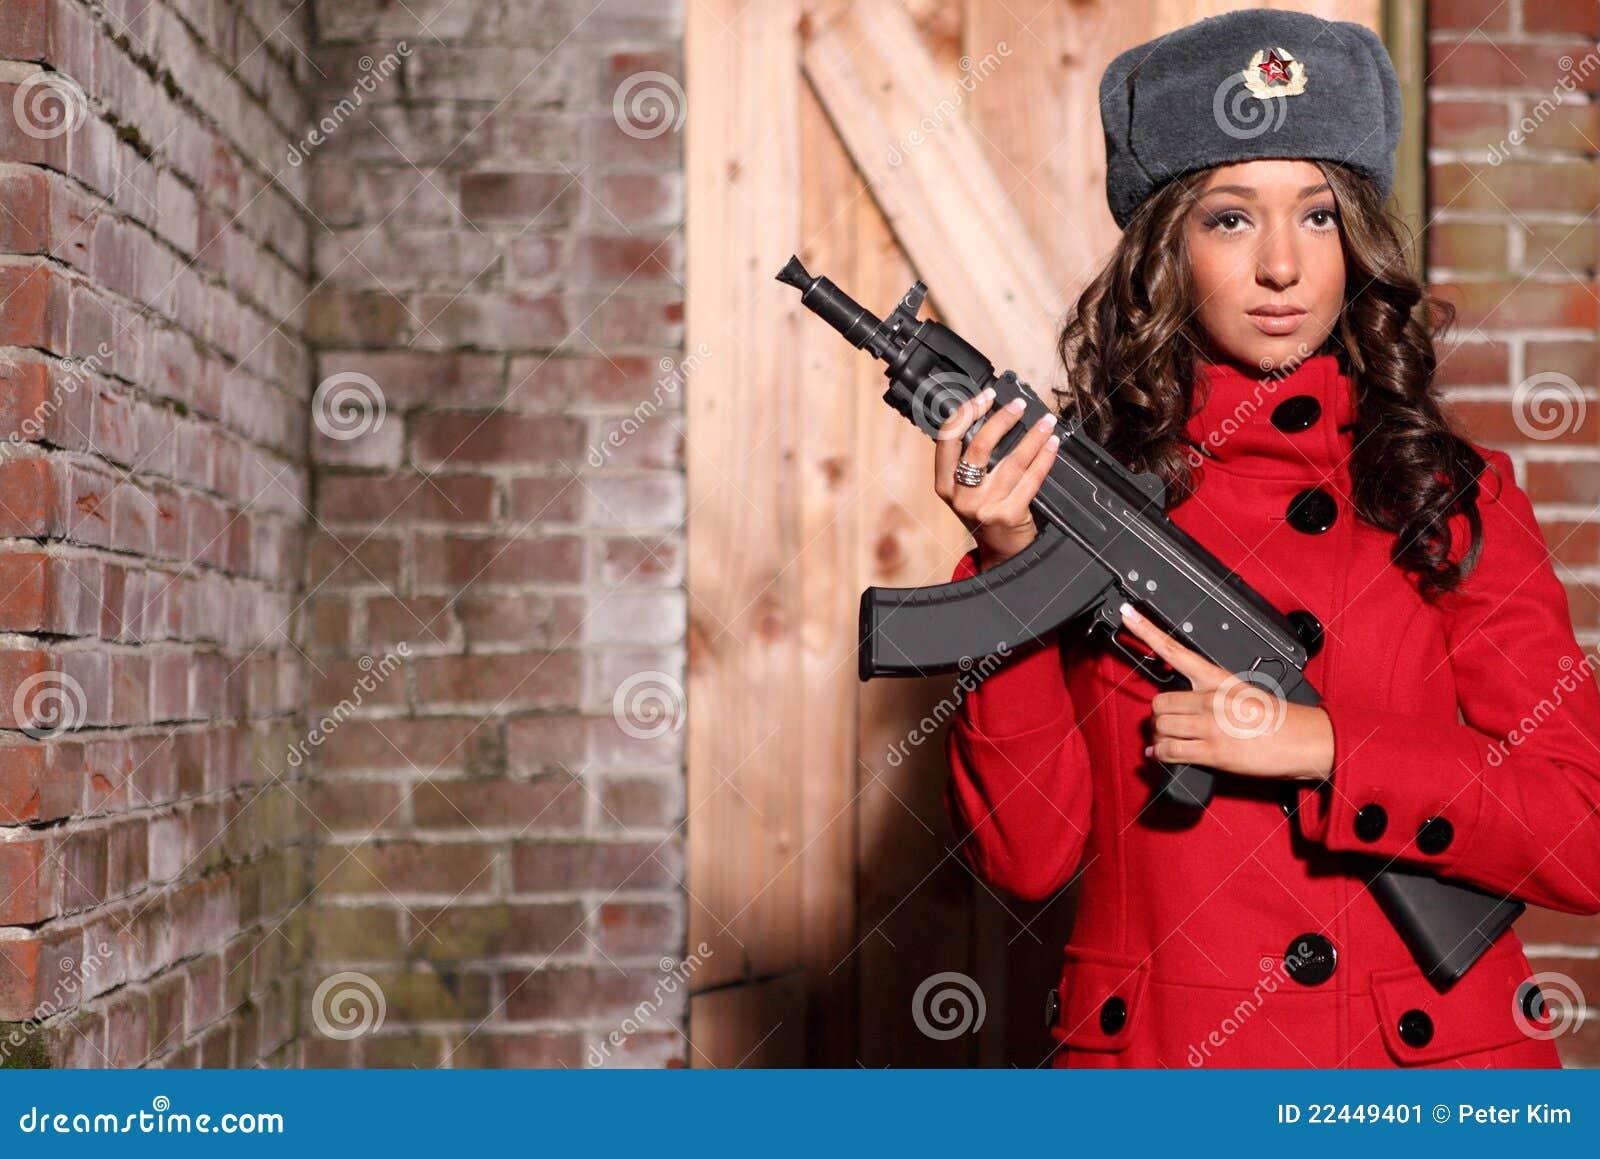 Esposa rusa esposa rusa en